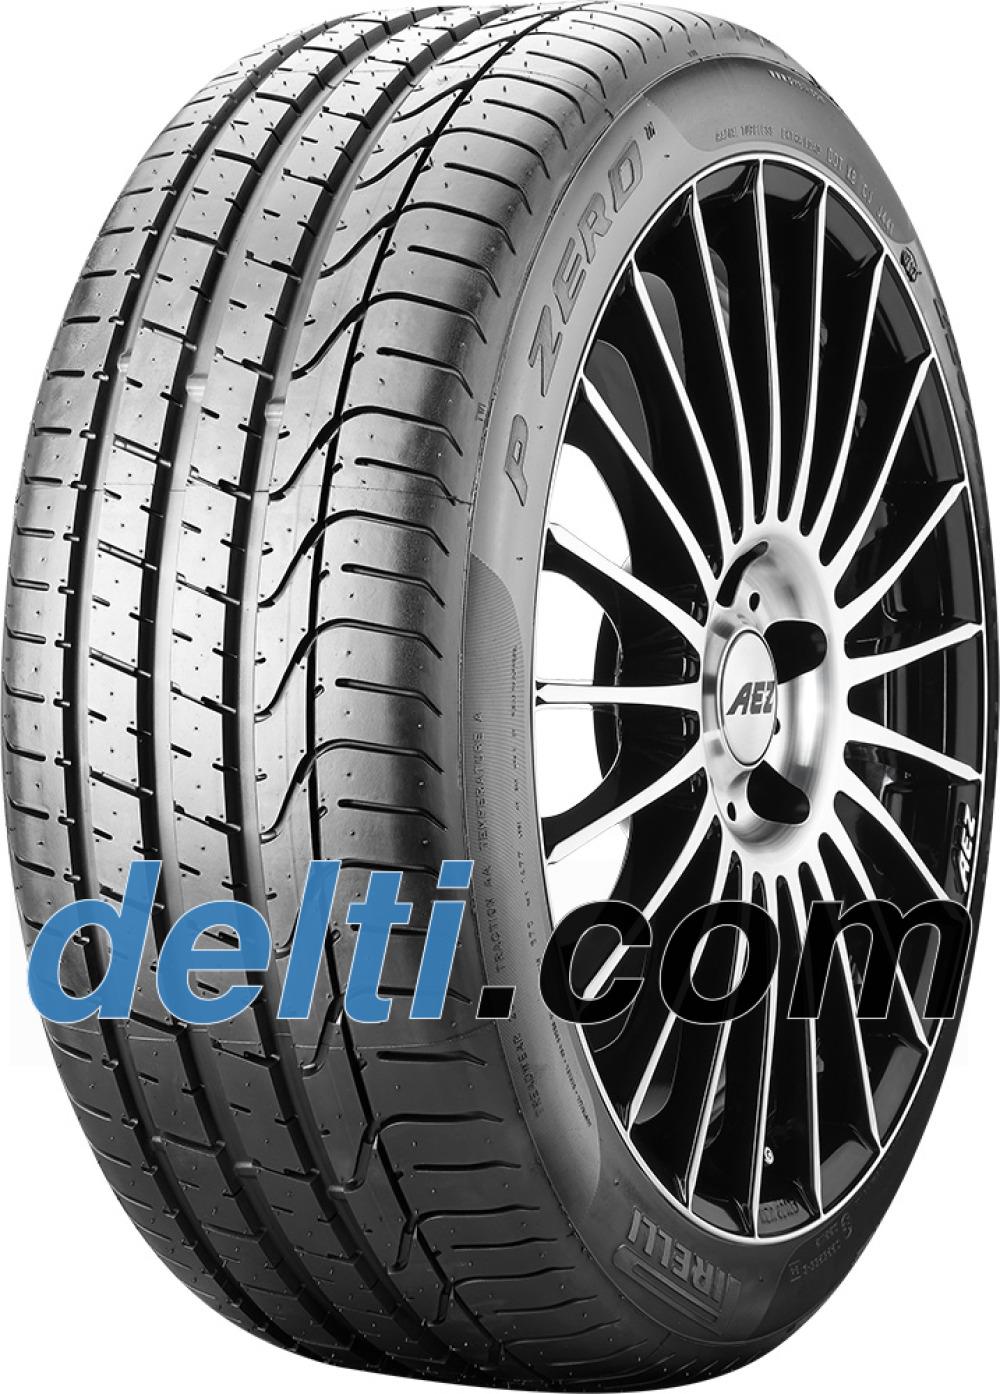 Pirelli P Zero >> Pirelli P Zero